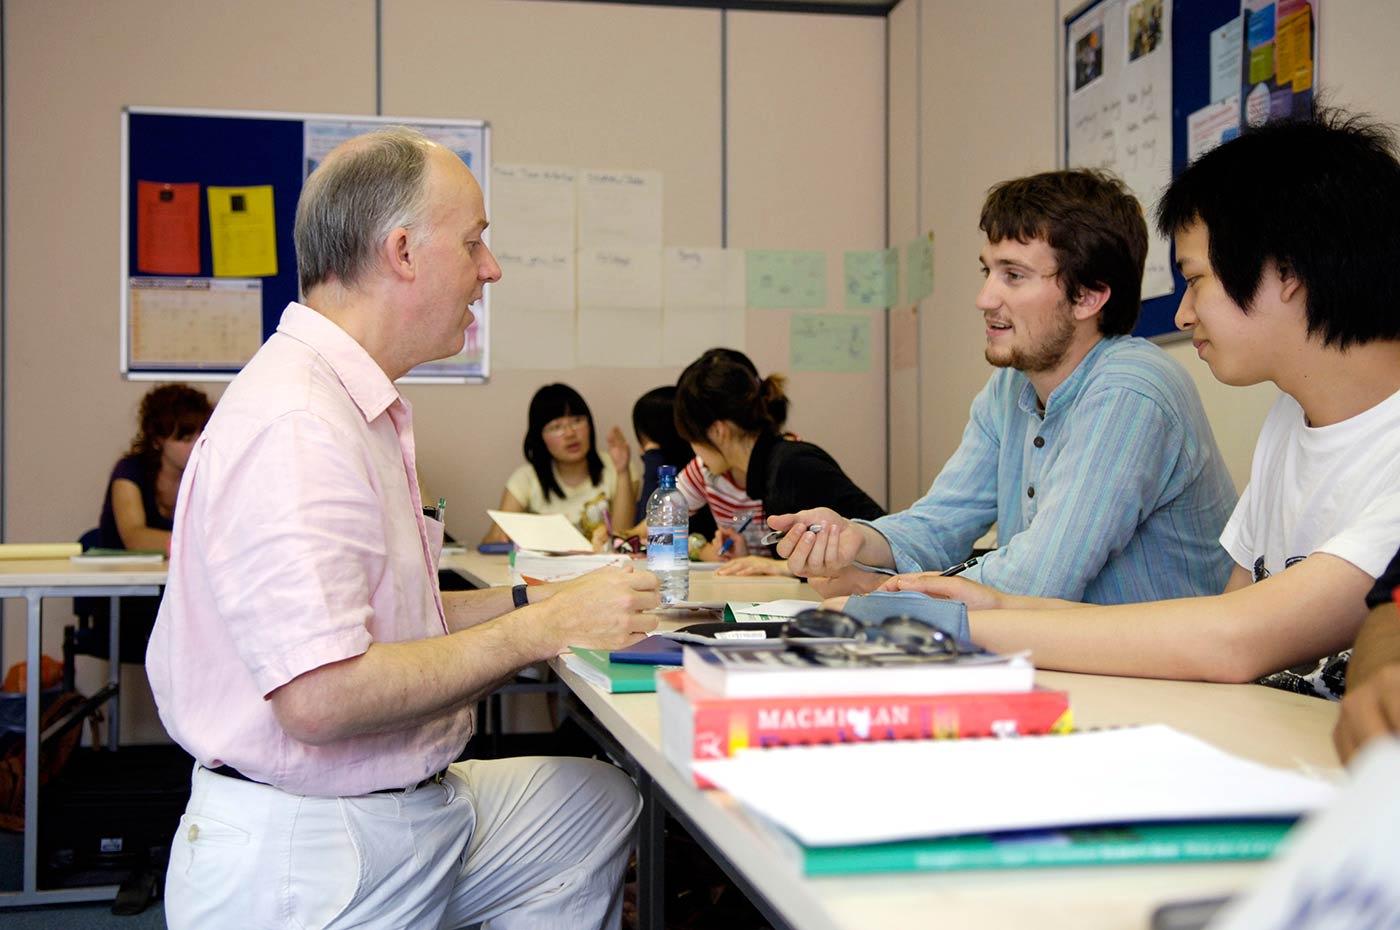 متوسط نسبة الطلاب إلى المعلمين هي 1:9